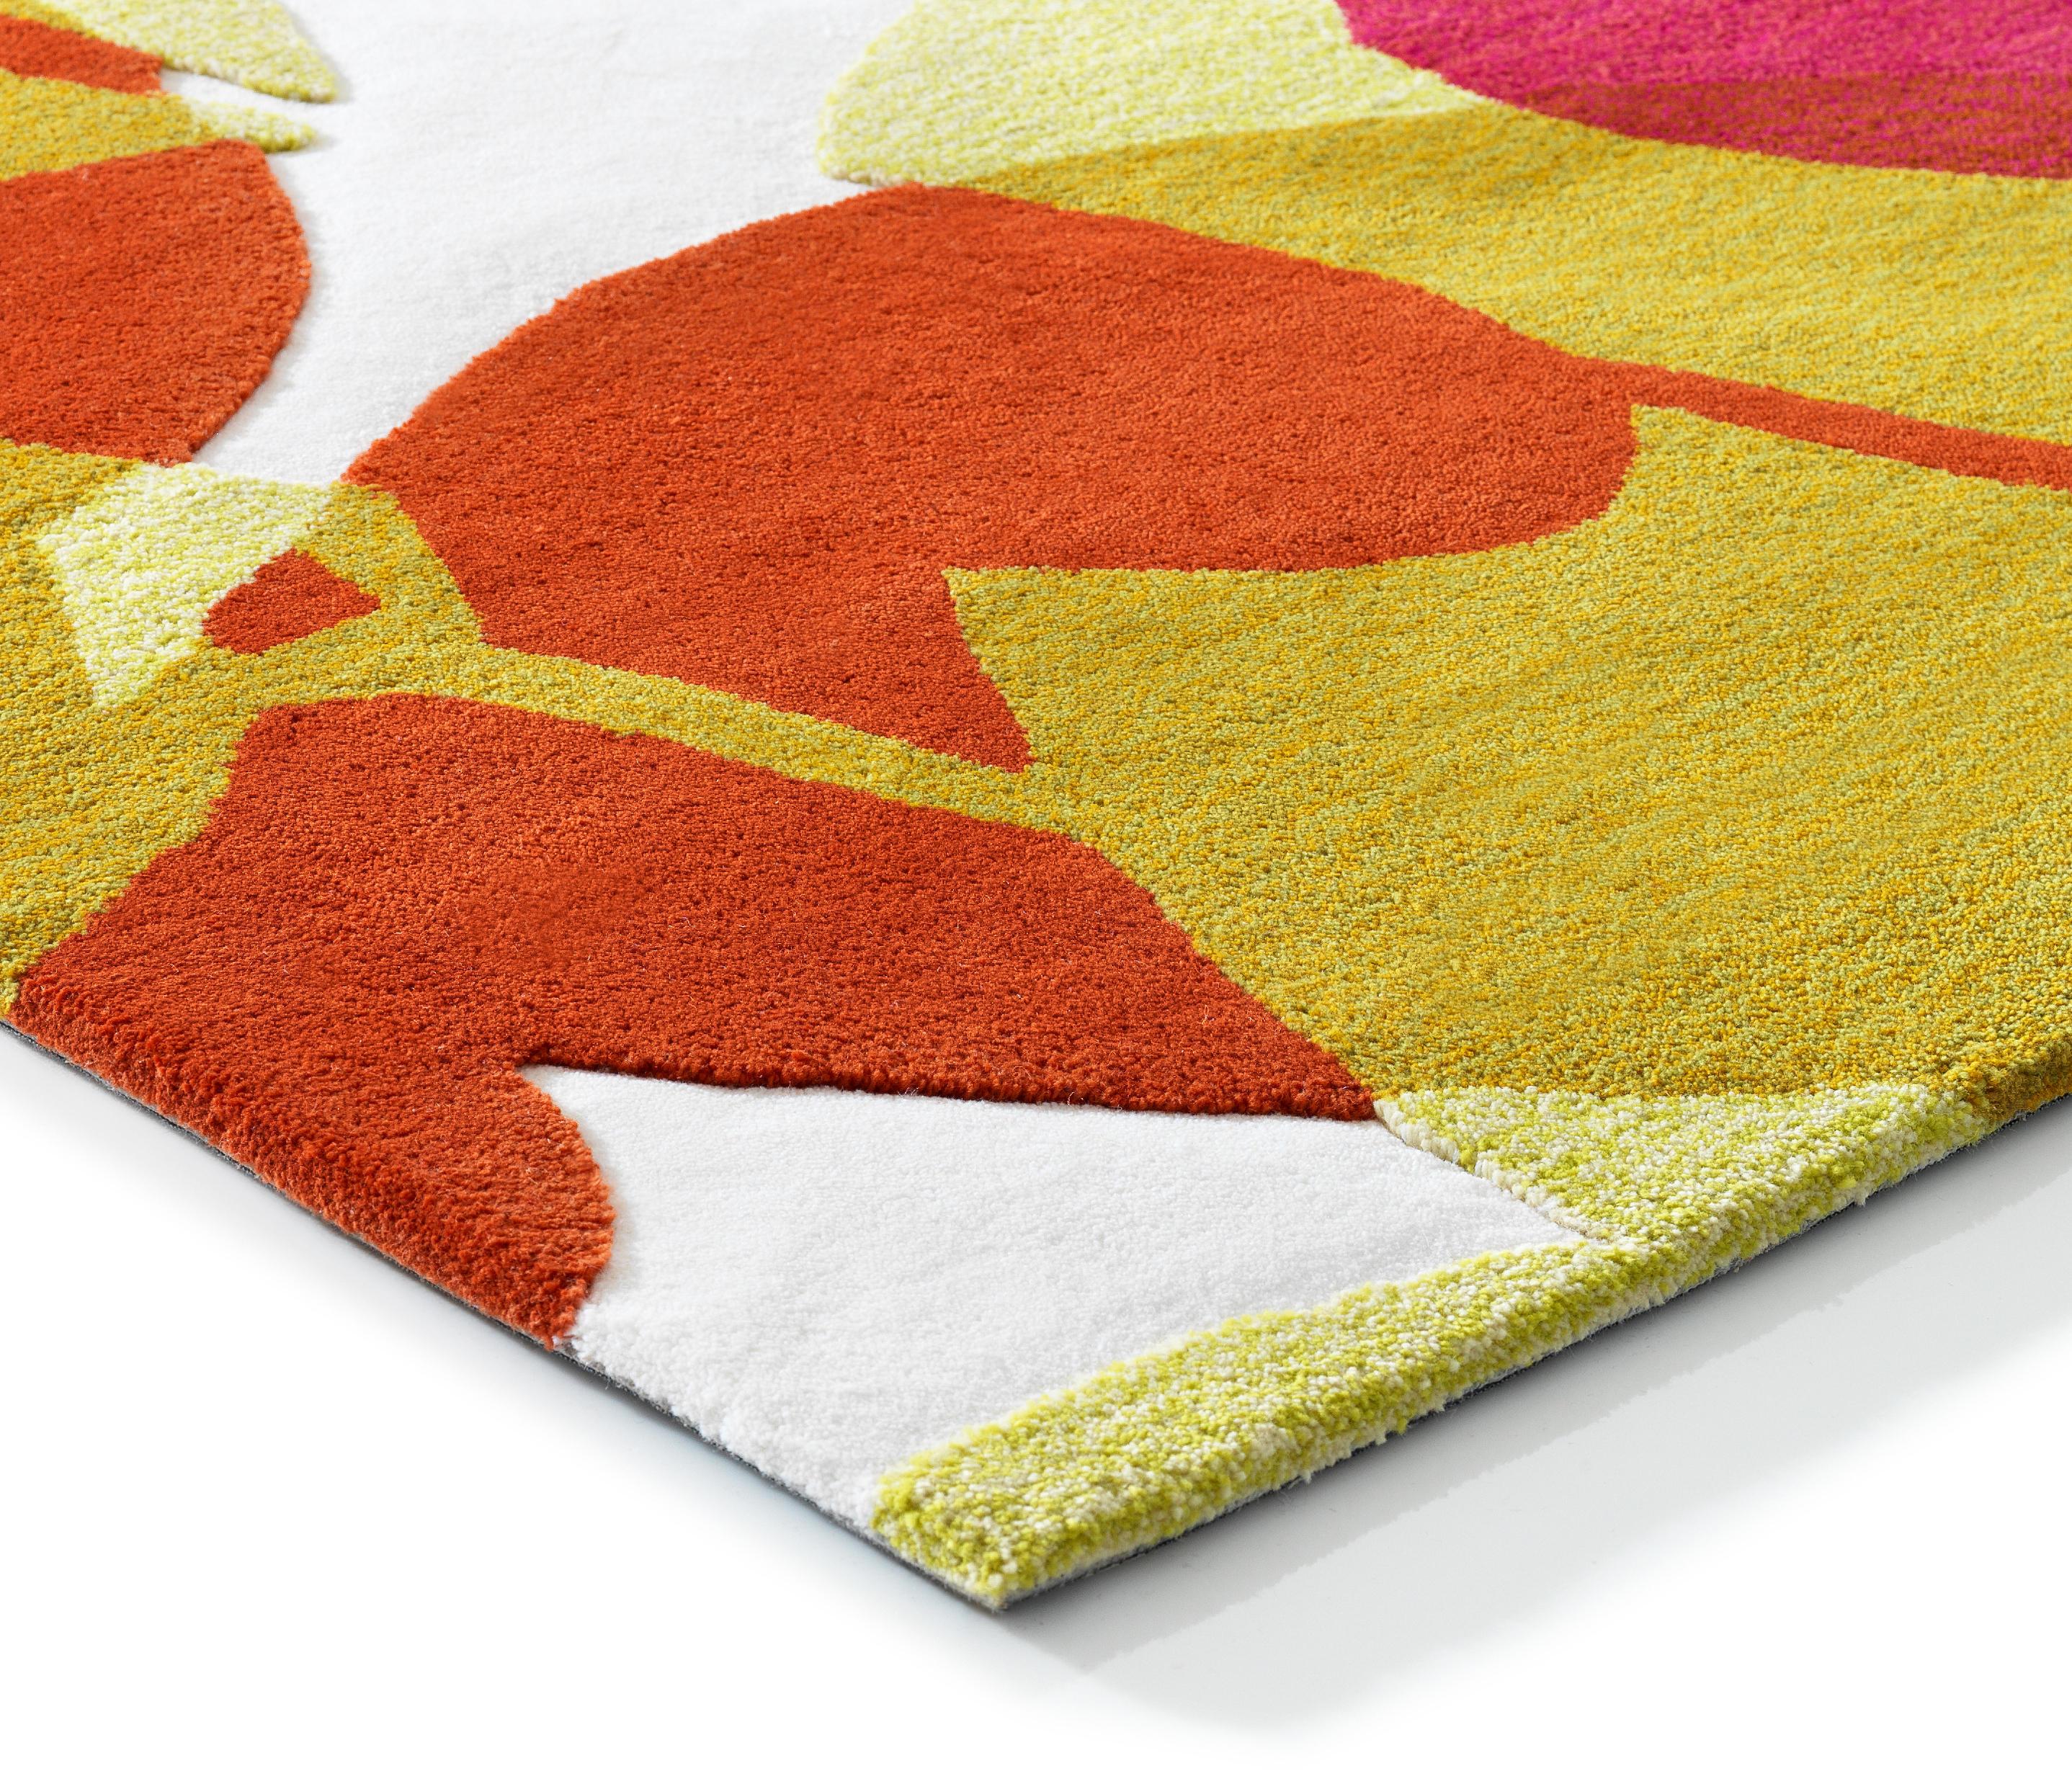 acacia teppich formatteppiche designerteppiche von. Black Bedroom Furniture Sets. Home Design Ideas